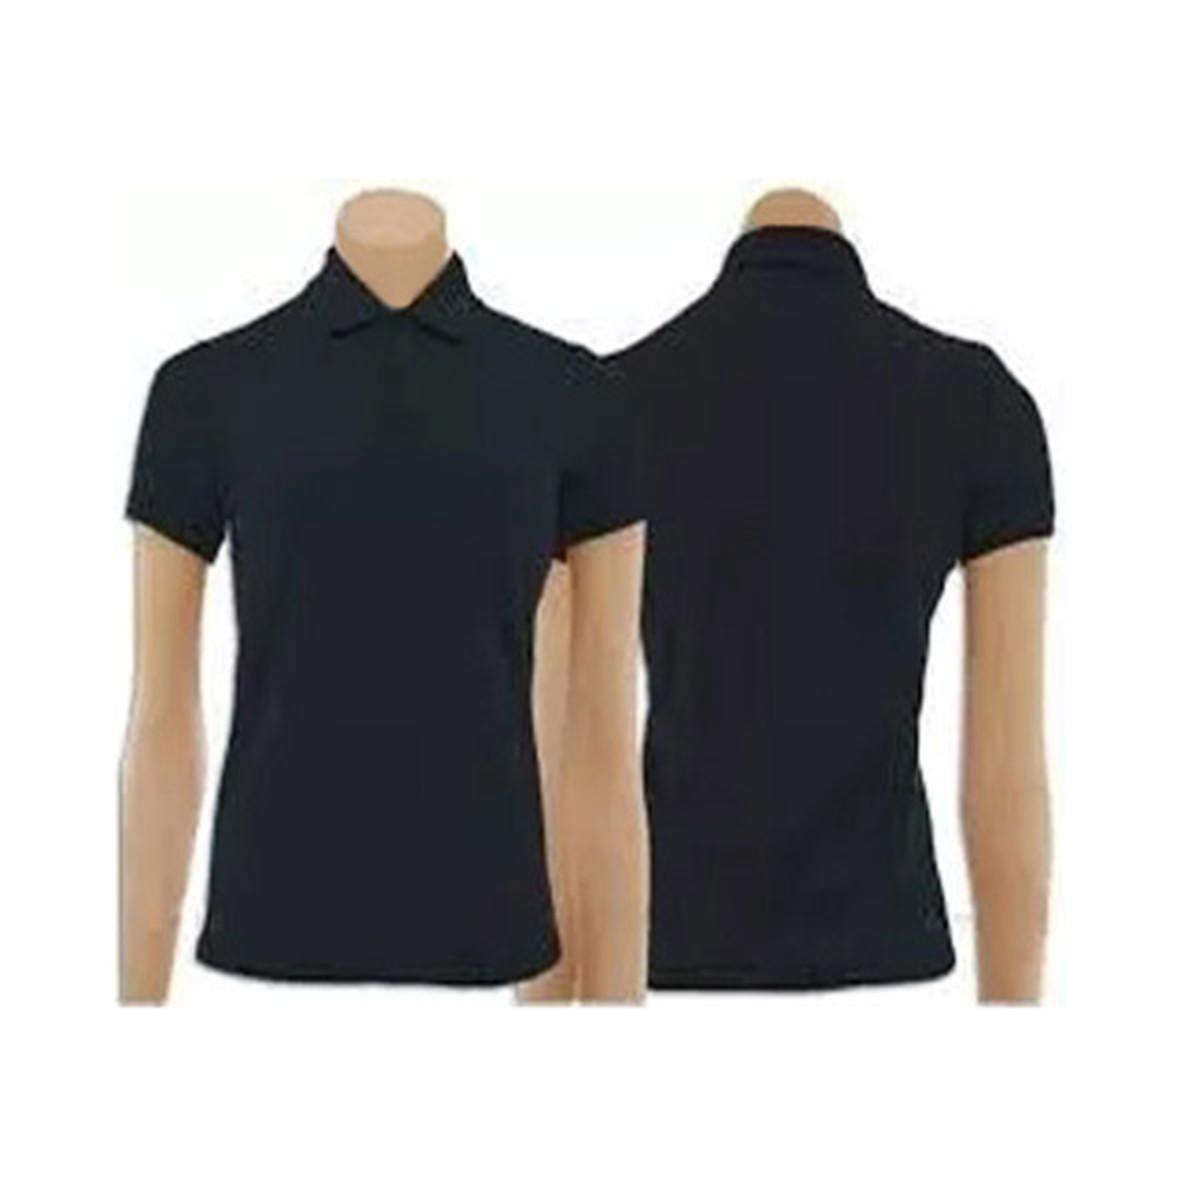 dff2d2224d Kit com 5 Camisetas Gola Polo Feminino Preta no Elo7